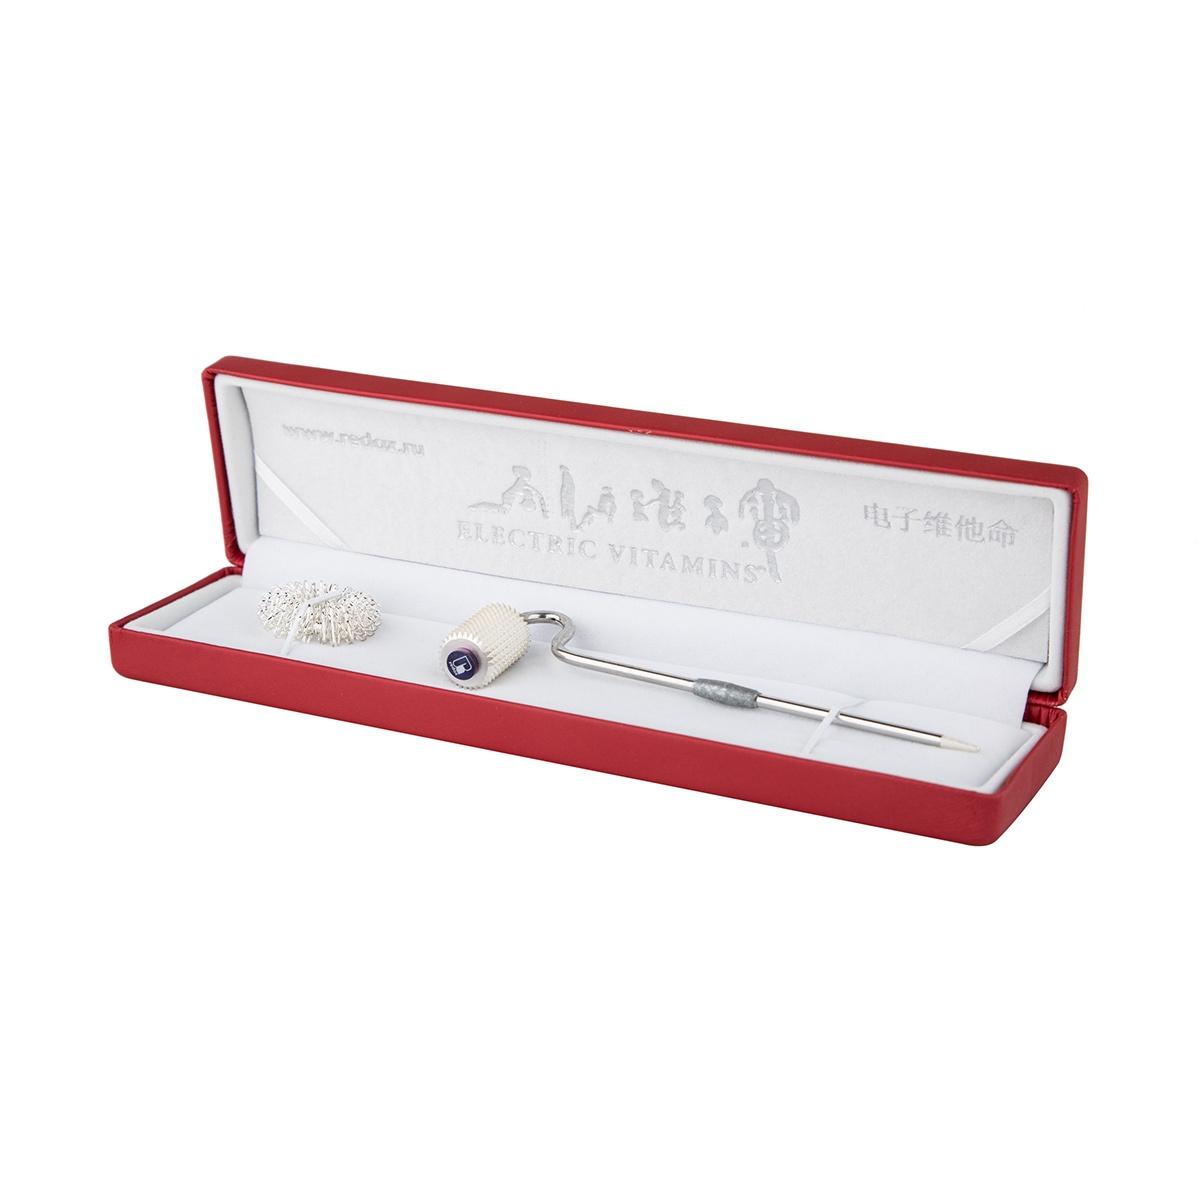 Роликовый аппликатор Редокс - с цинковой вставкой, до 40 мкА цена